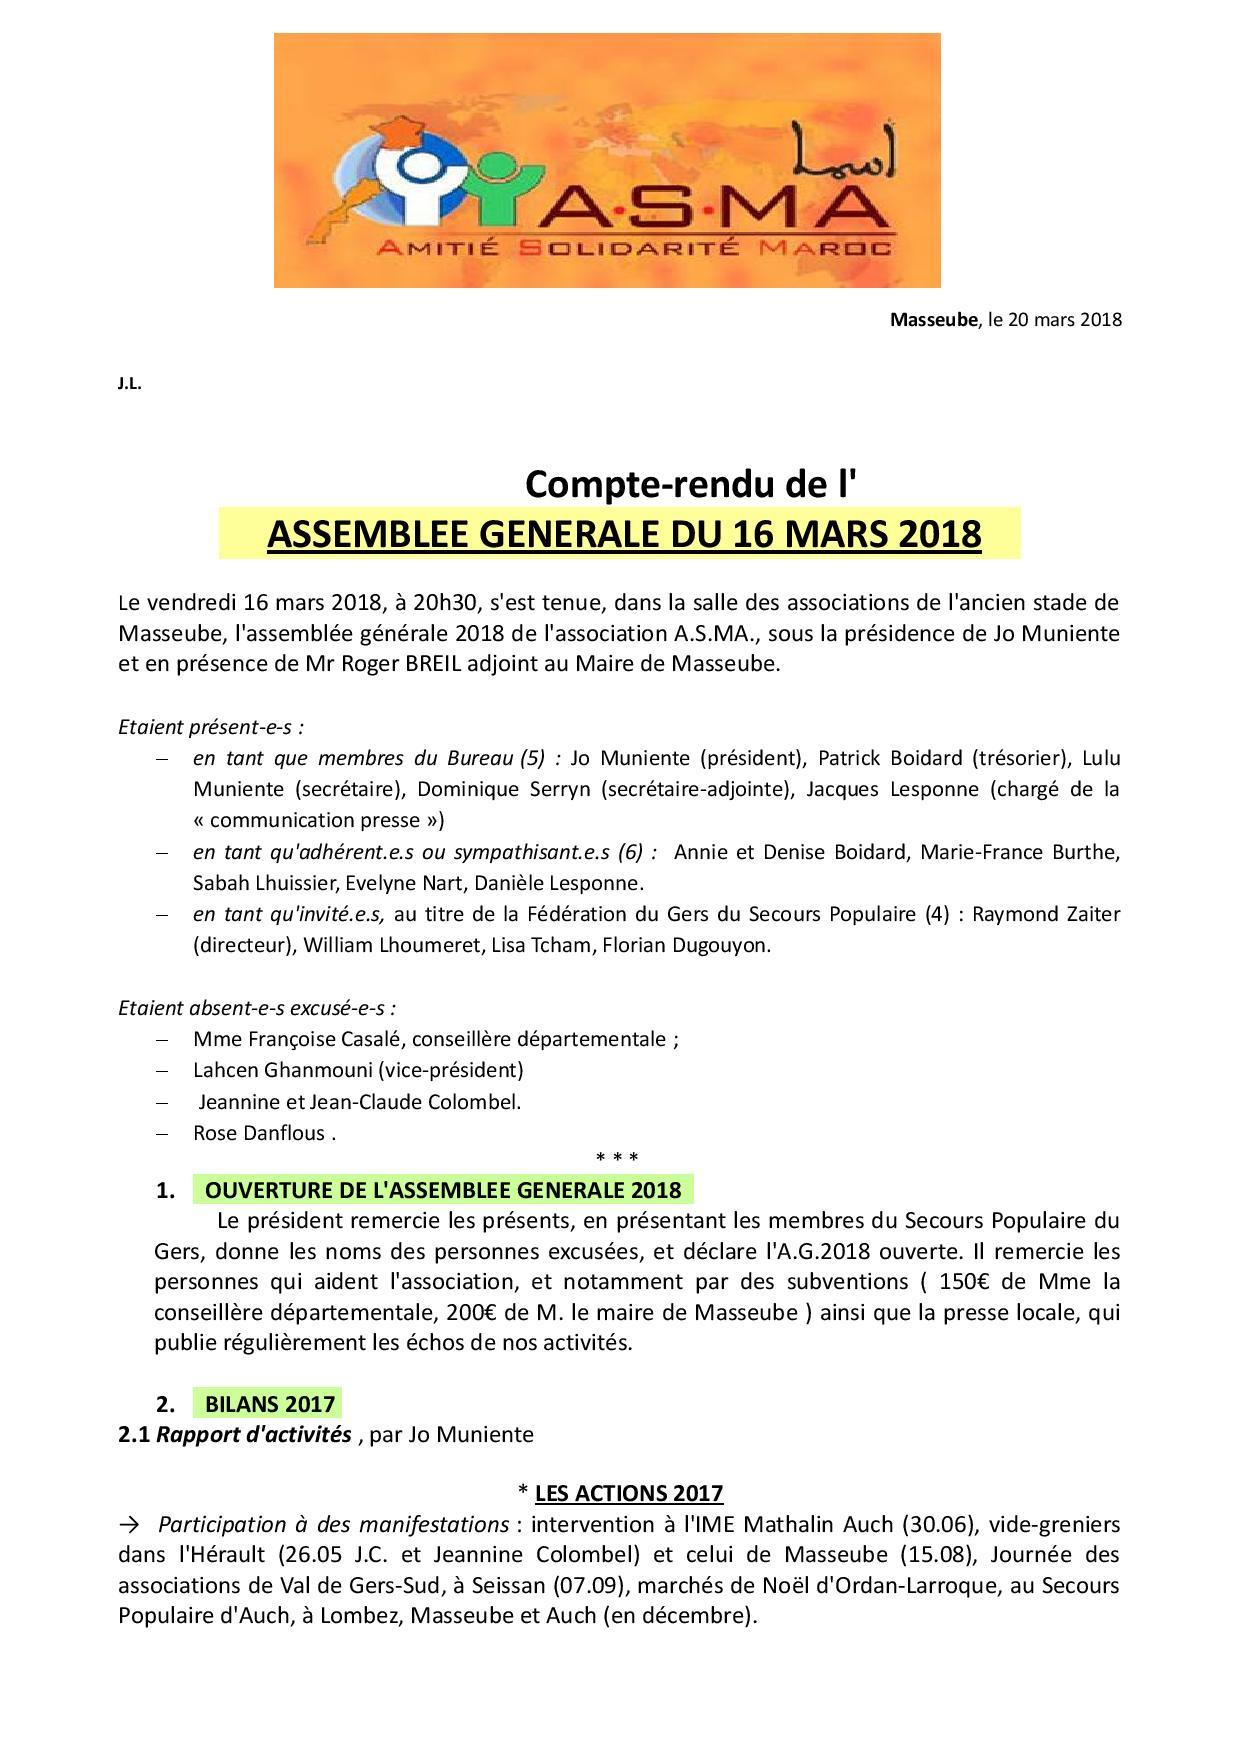 Asma compte rendu de l 27a g 16 03 2018 5b7087 5d page 001